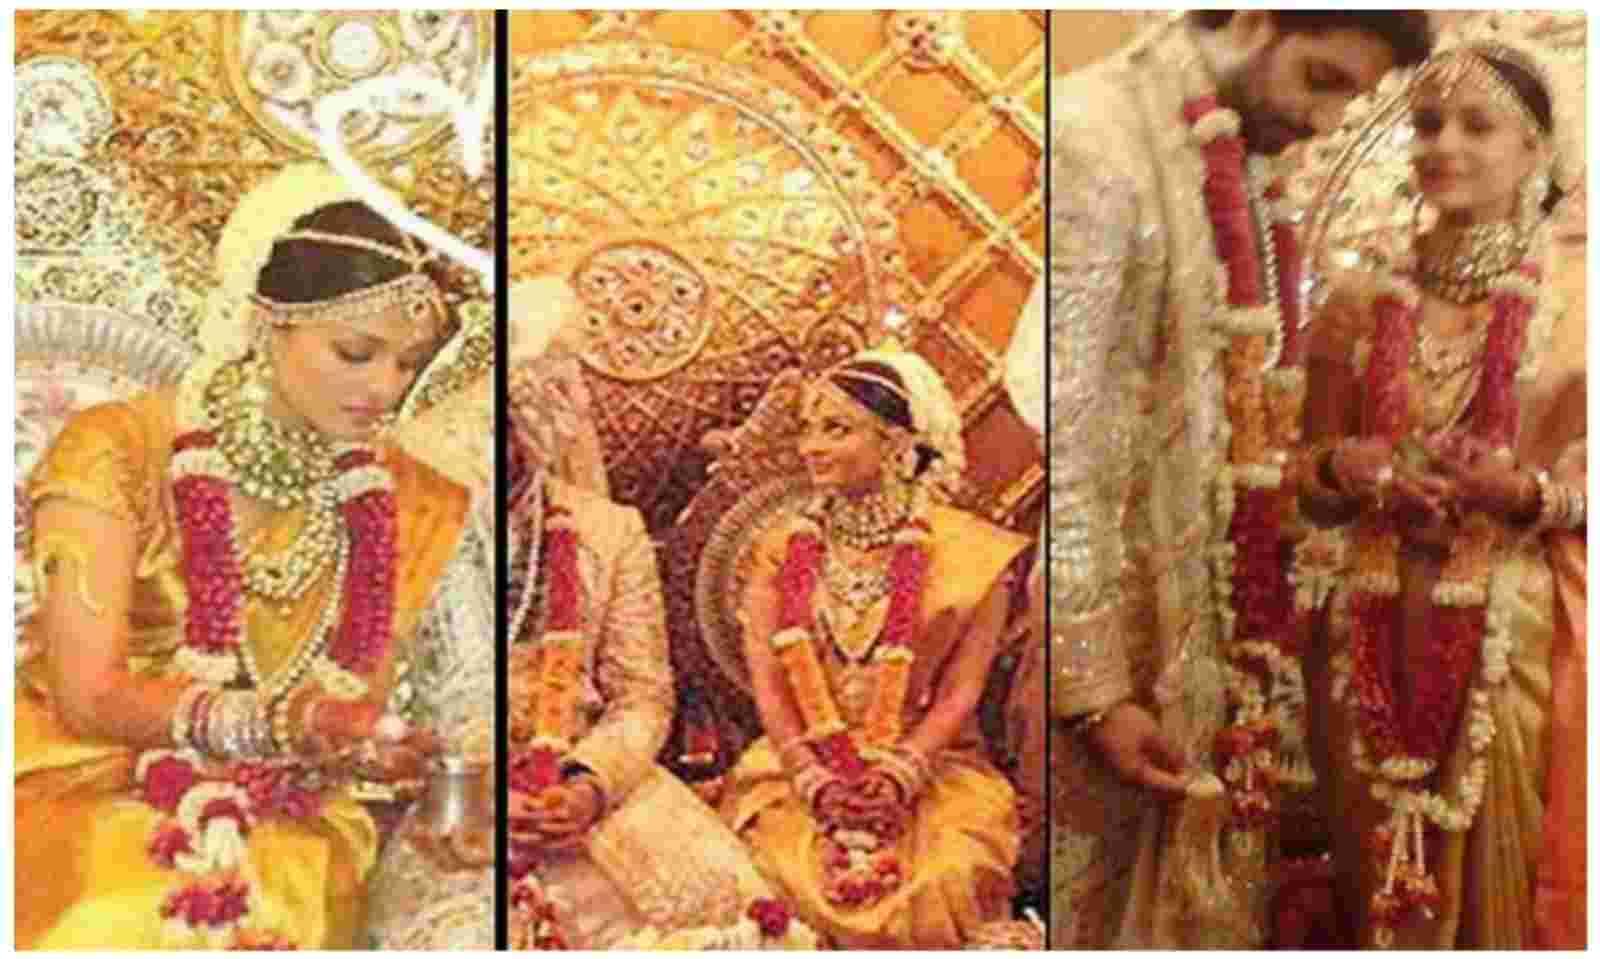 ऐश्वर्या राय ने अपनी शादी के लिए कांजी वर्म सिल्क साड़ी चुनी थी. कांजी वर्म साड़ियां दक्षिण भारतीय राज्य तमिलनाडु में बनाई जाती हैं.